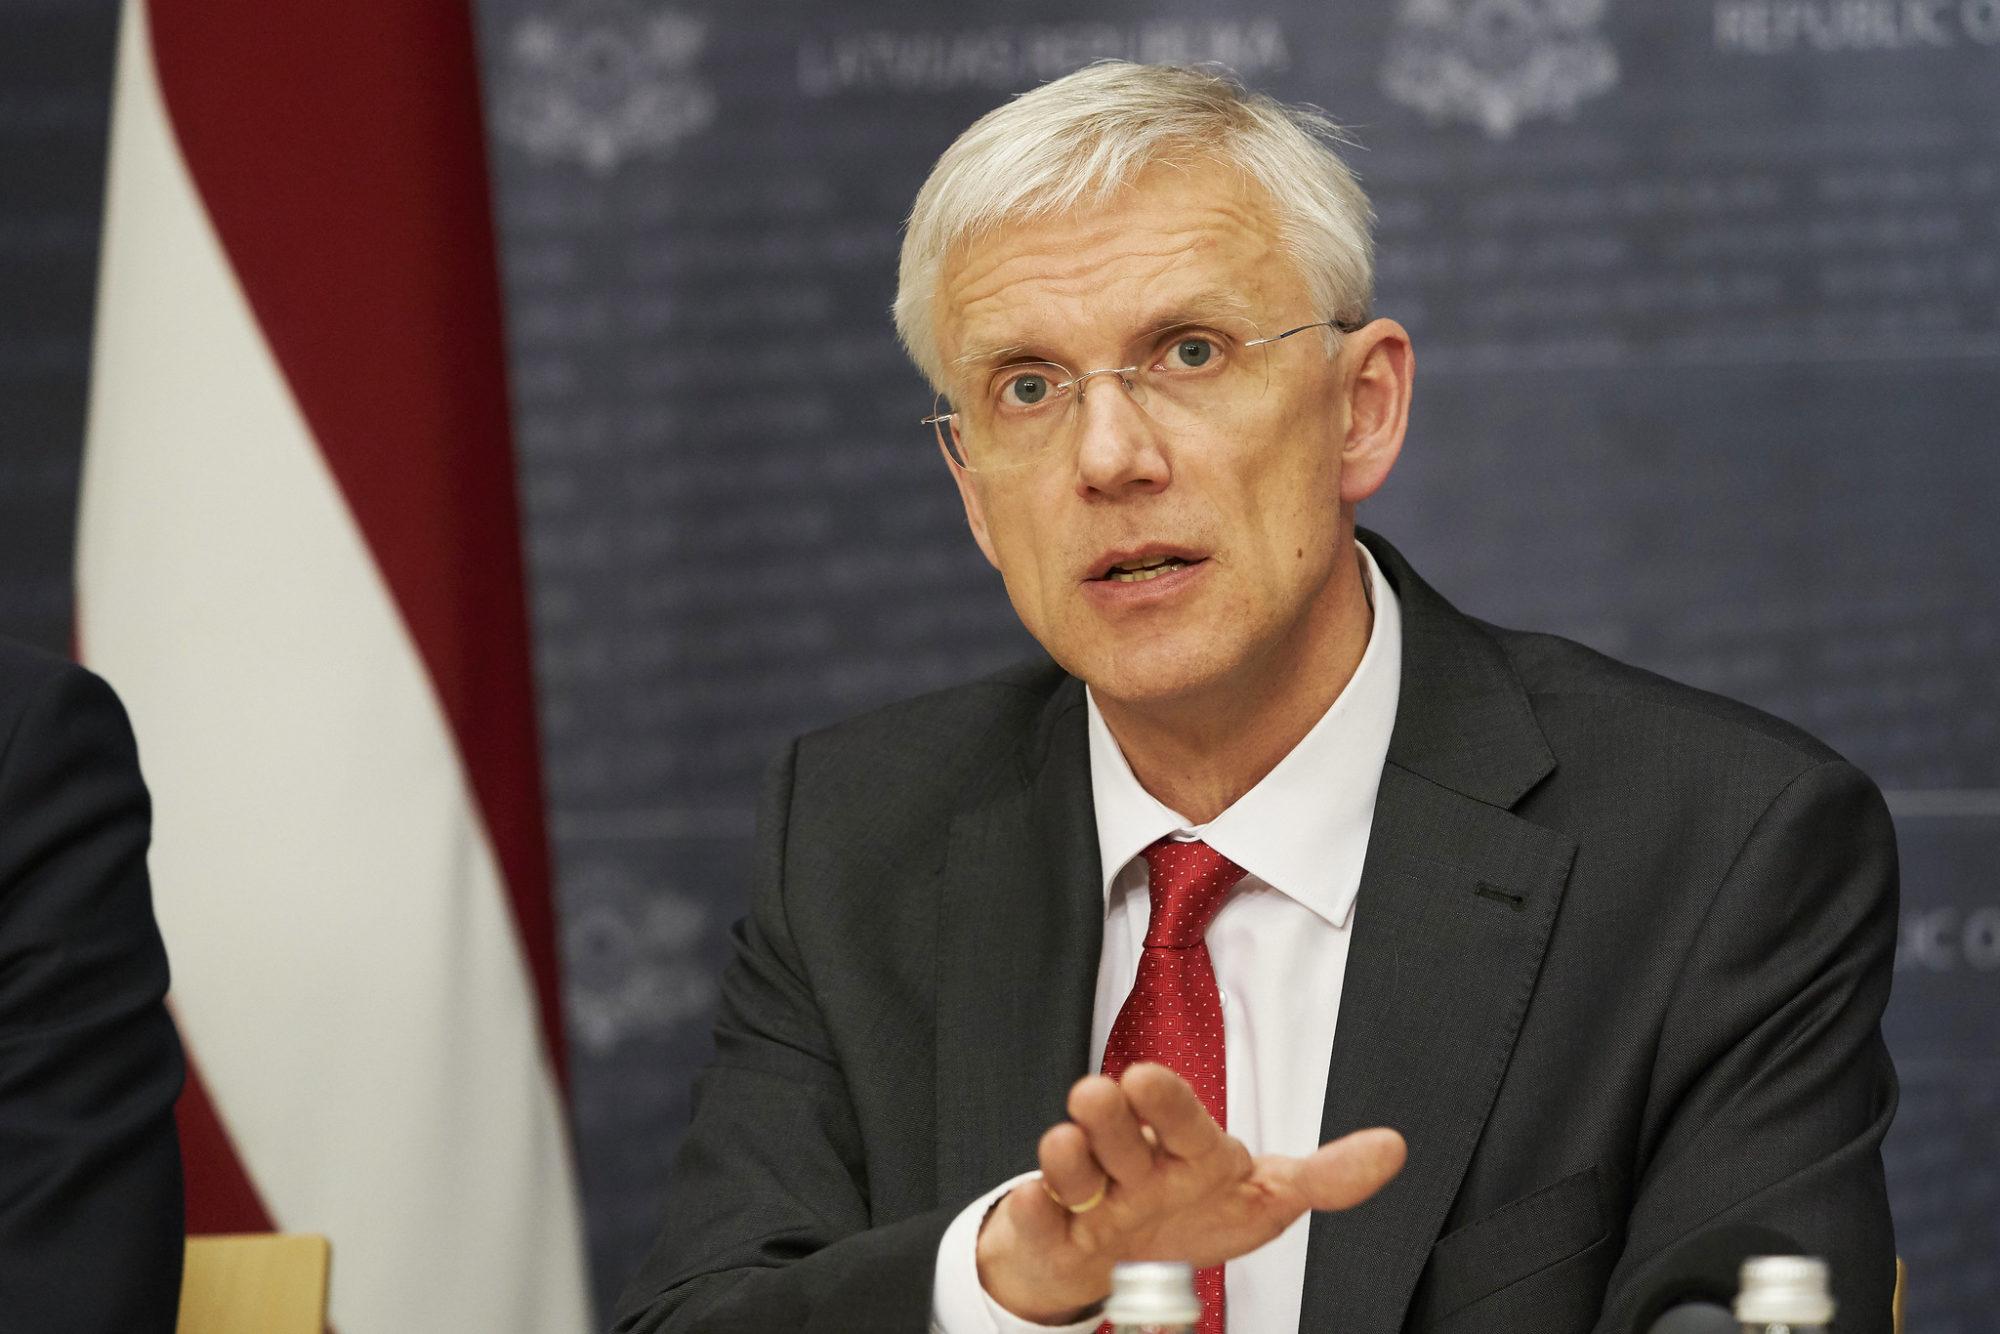 Премьер: во время кризиса Латвия находится в хорошем финансовом положении